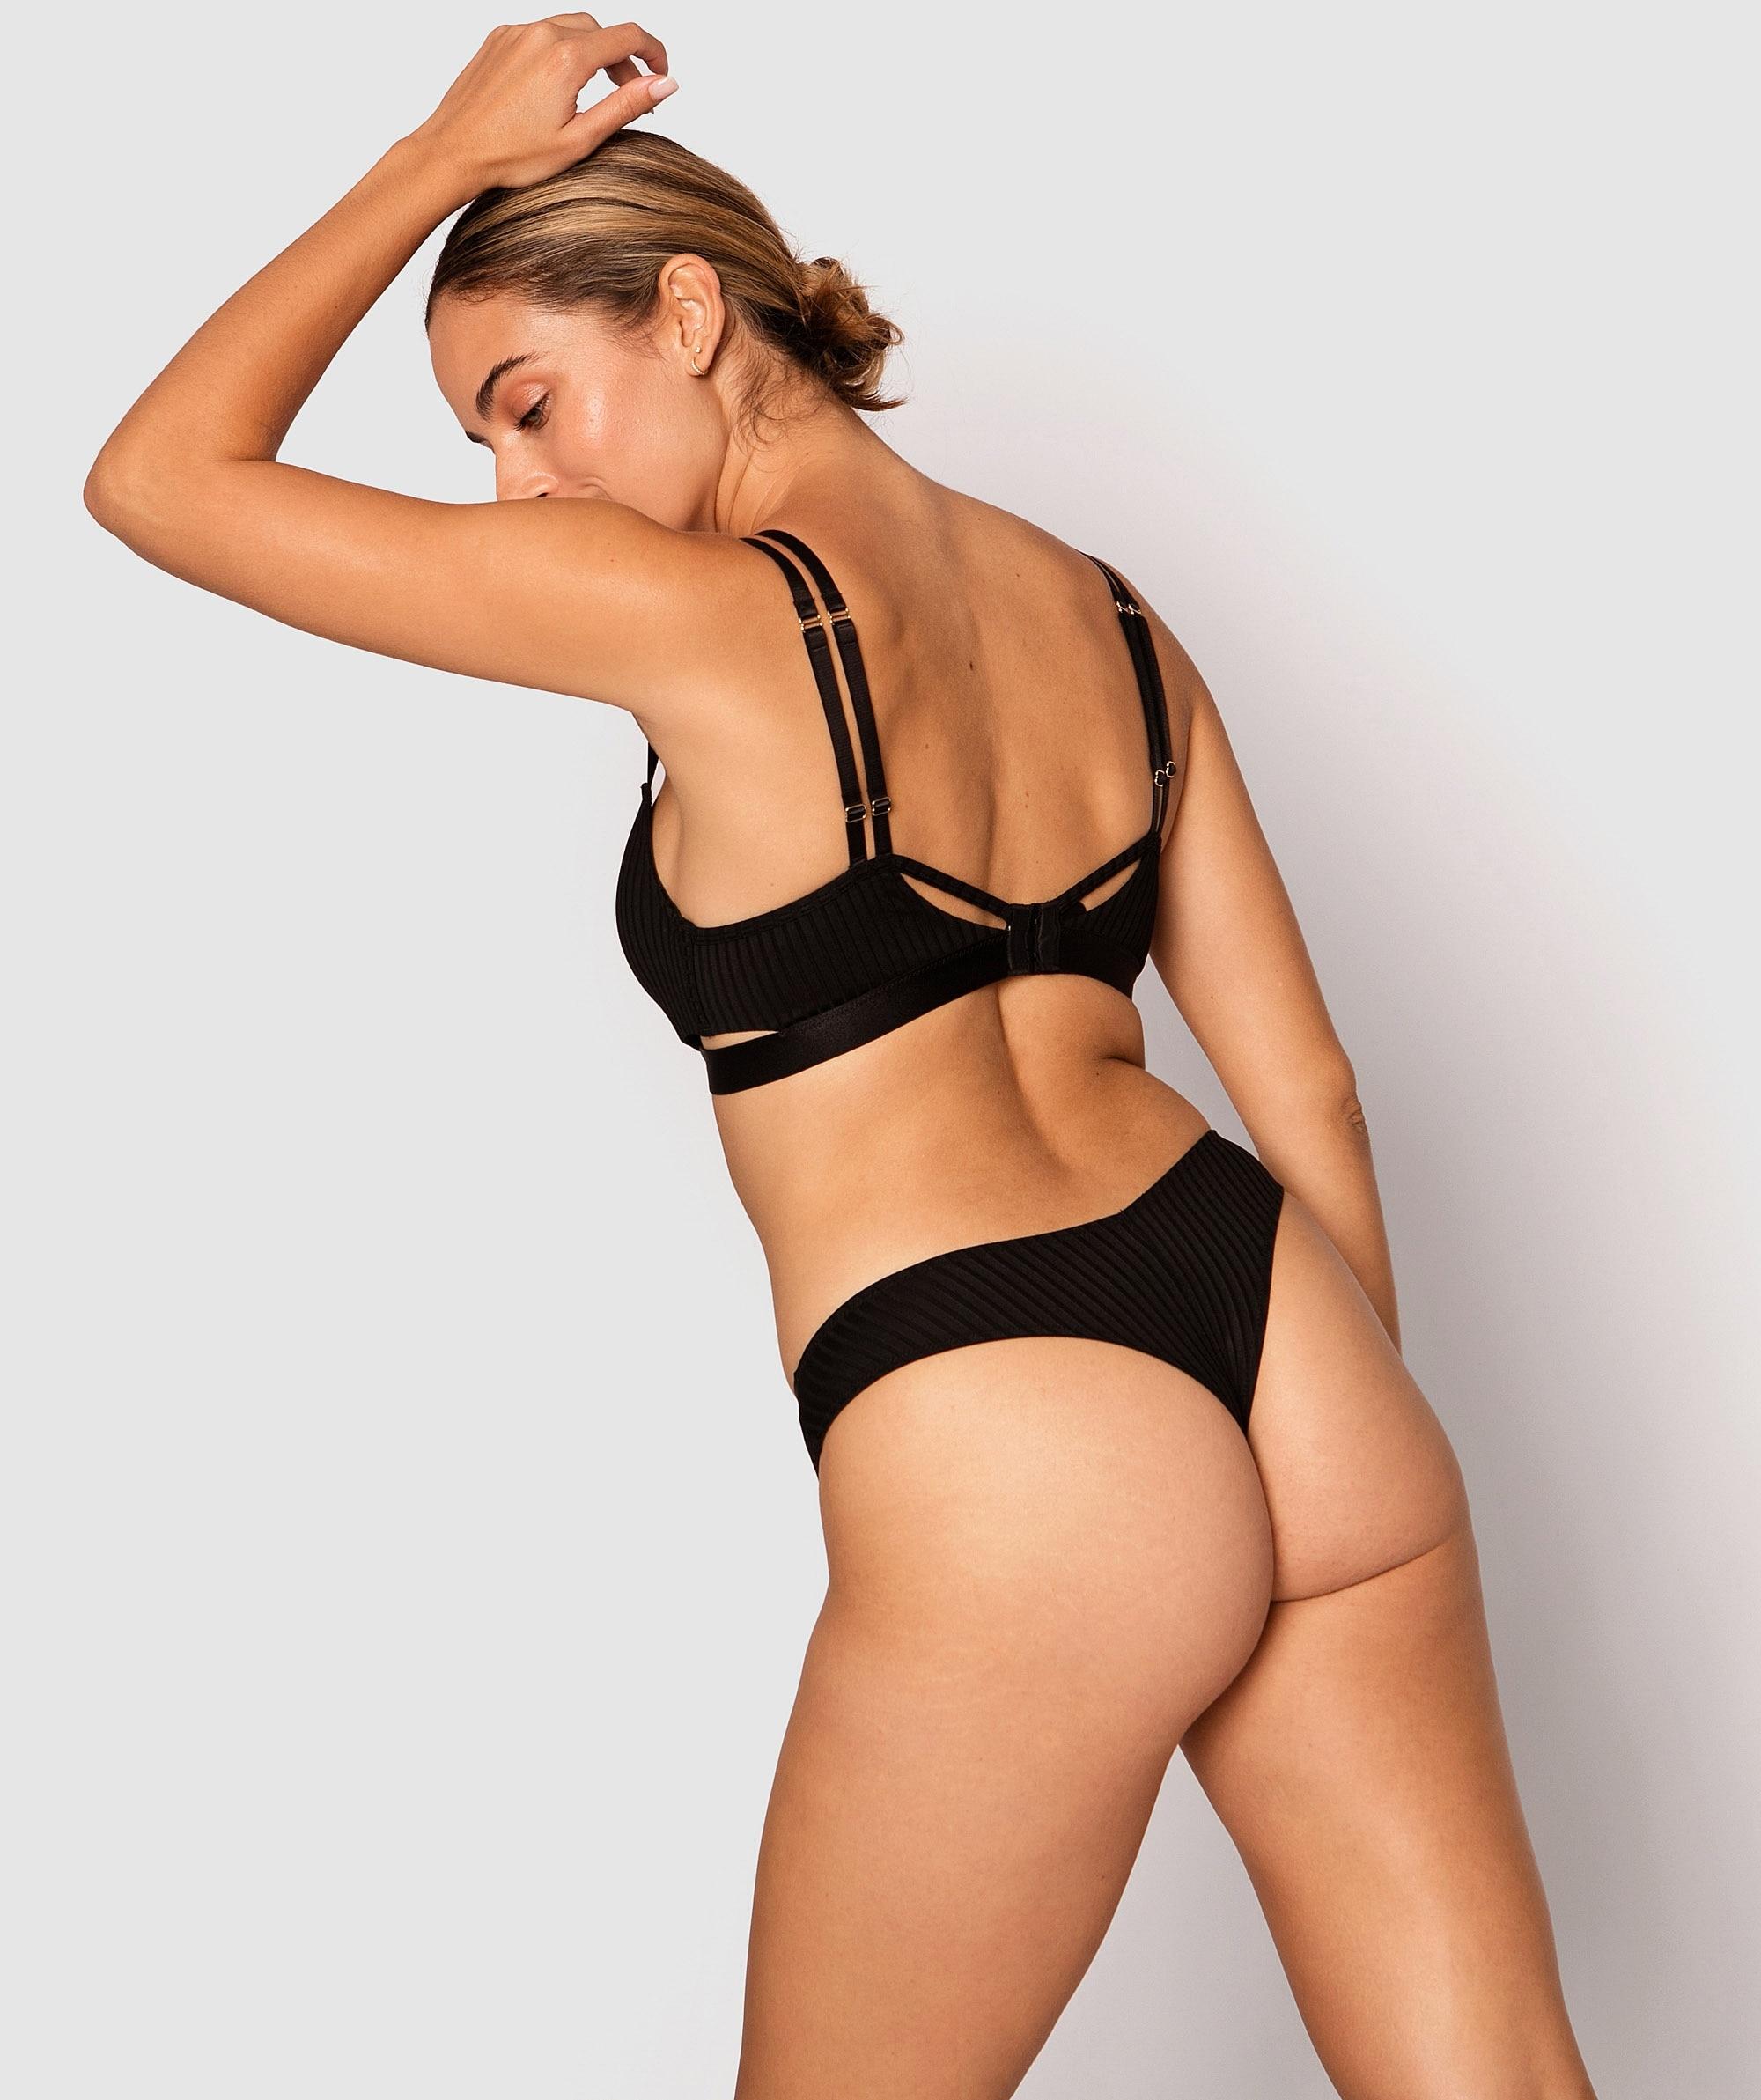 Leisurie V String Knicker - Black